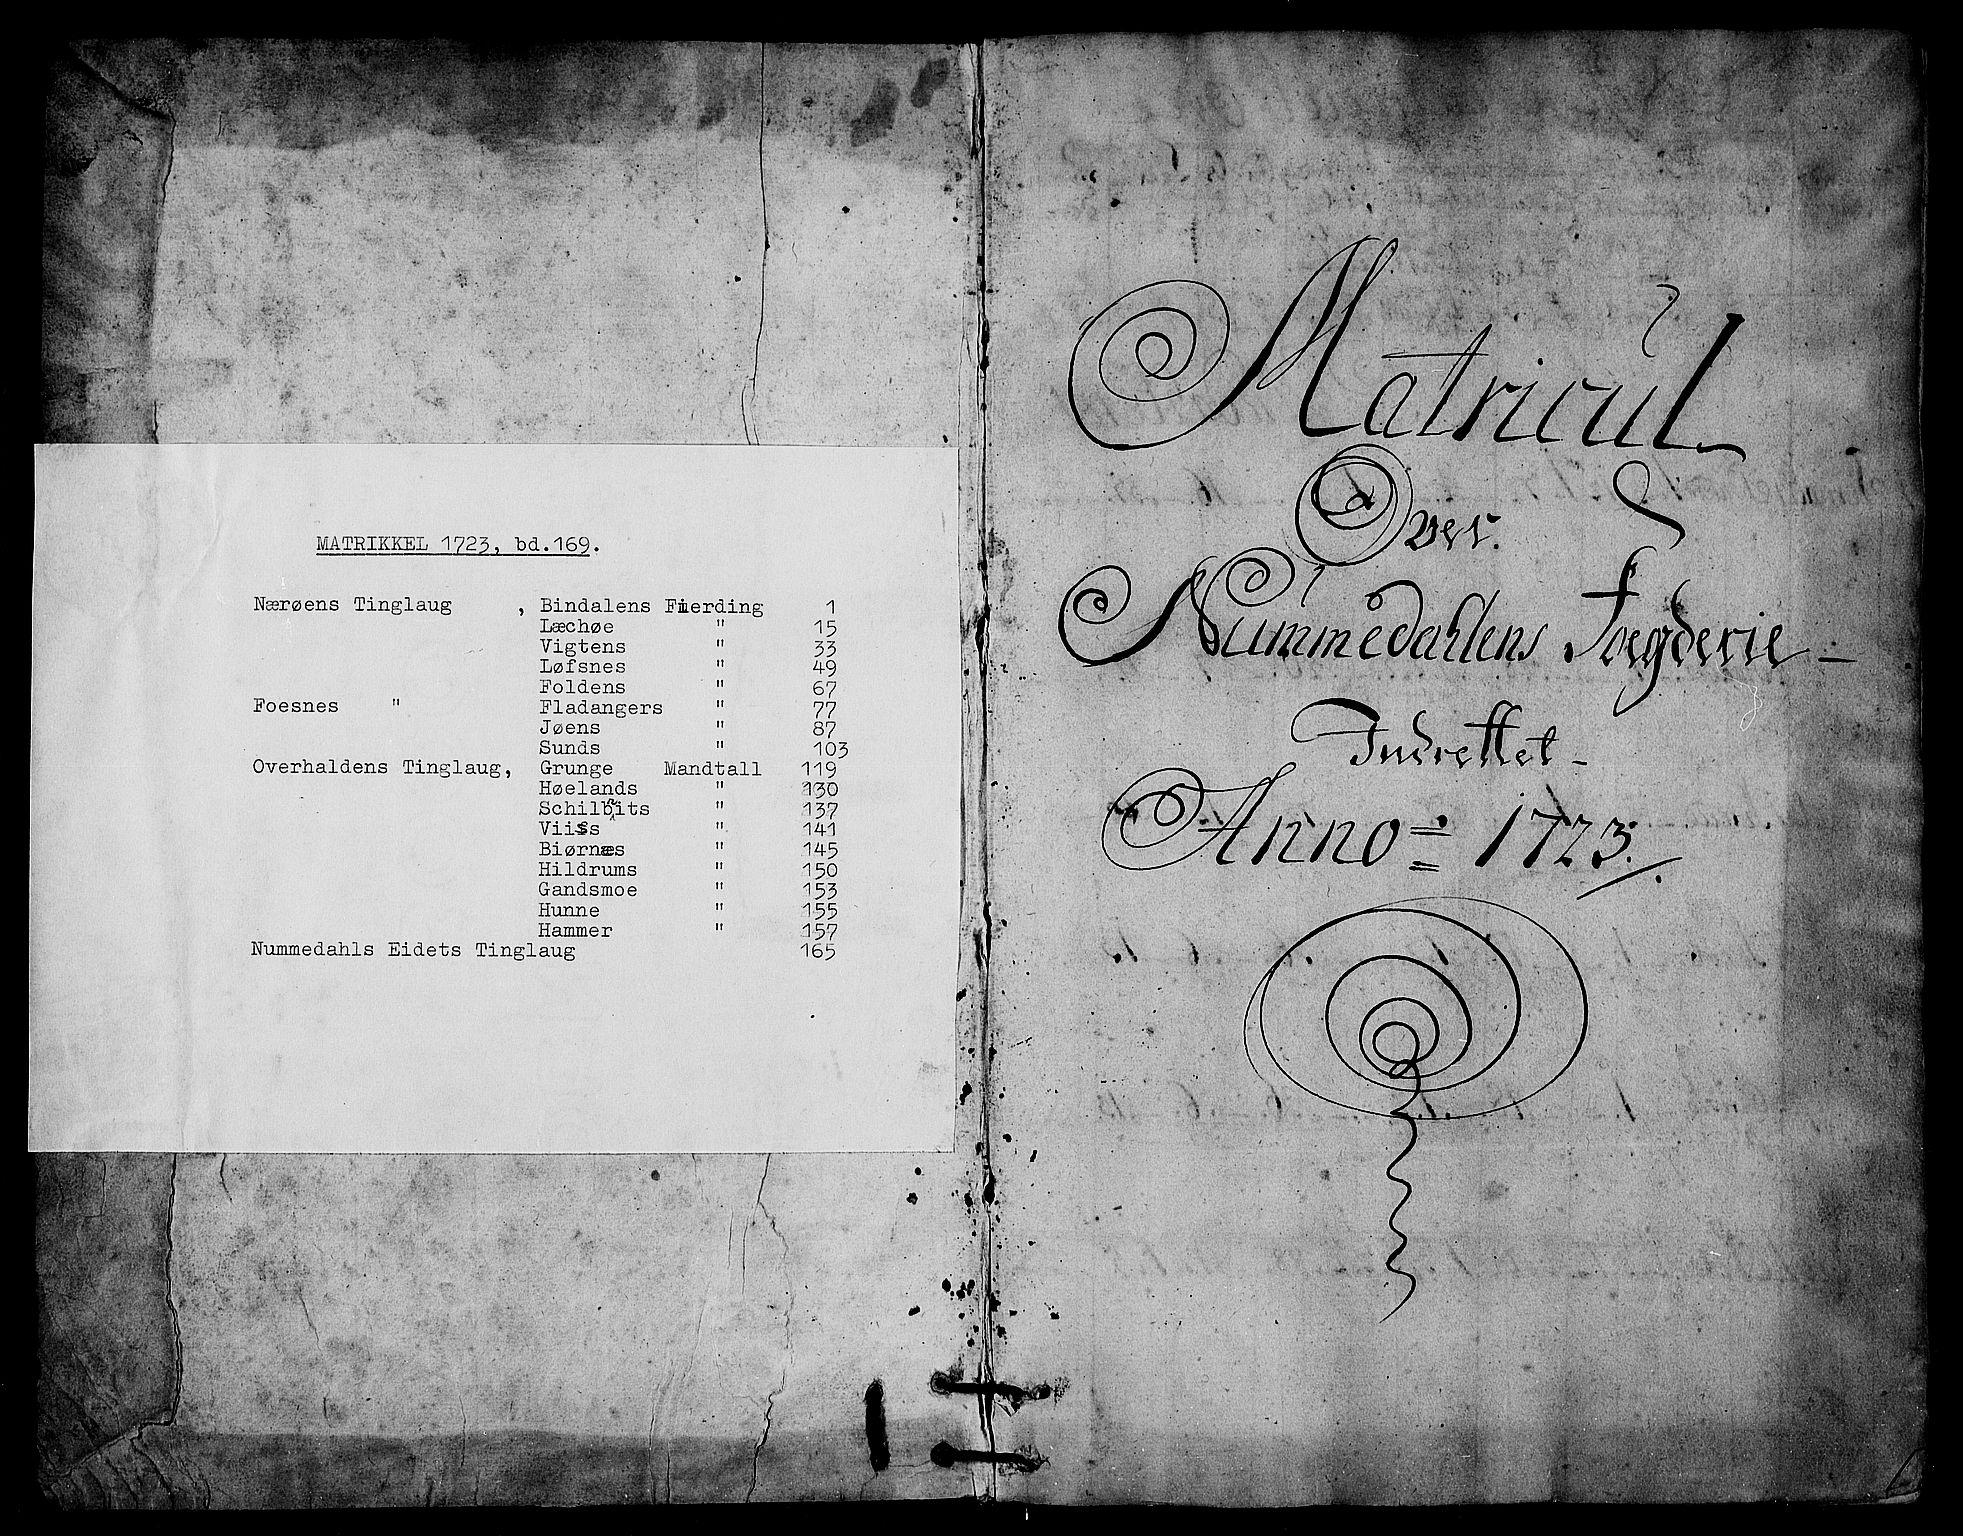 RA, Rentekammeret inntil 1814, Realistisk ordnet avdeling, N/Nb/Nbf/L0169: Namdalen matrikkelprotokoll, 1723, s. upaginert